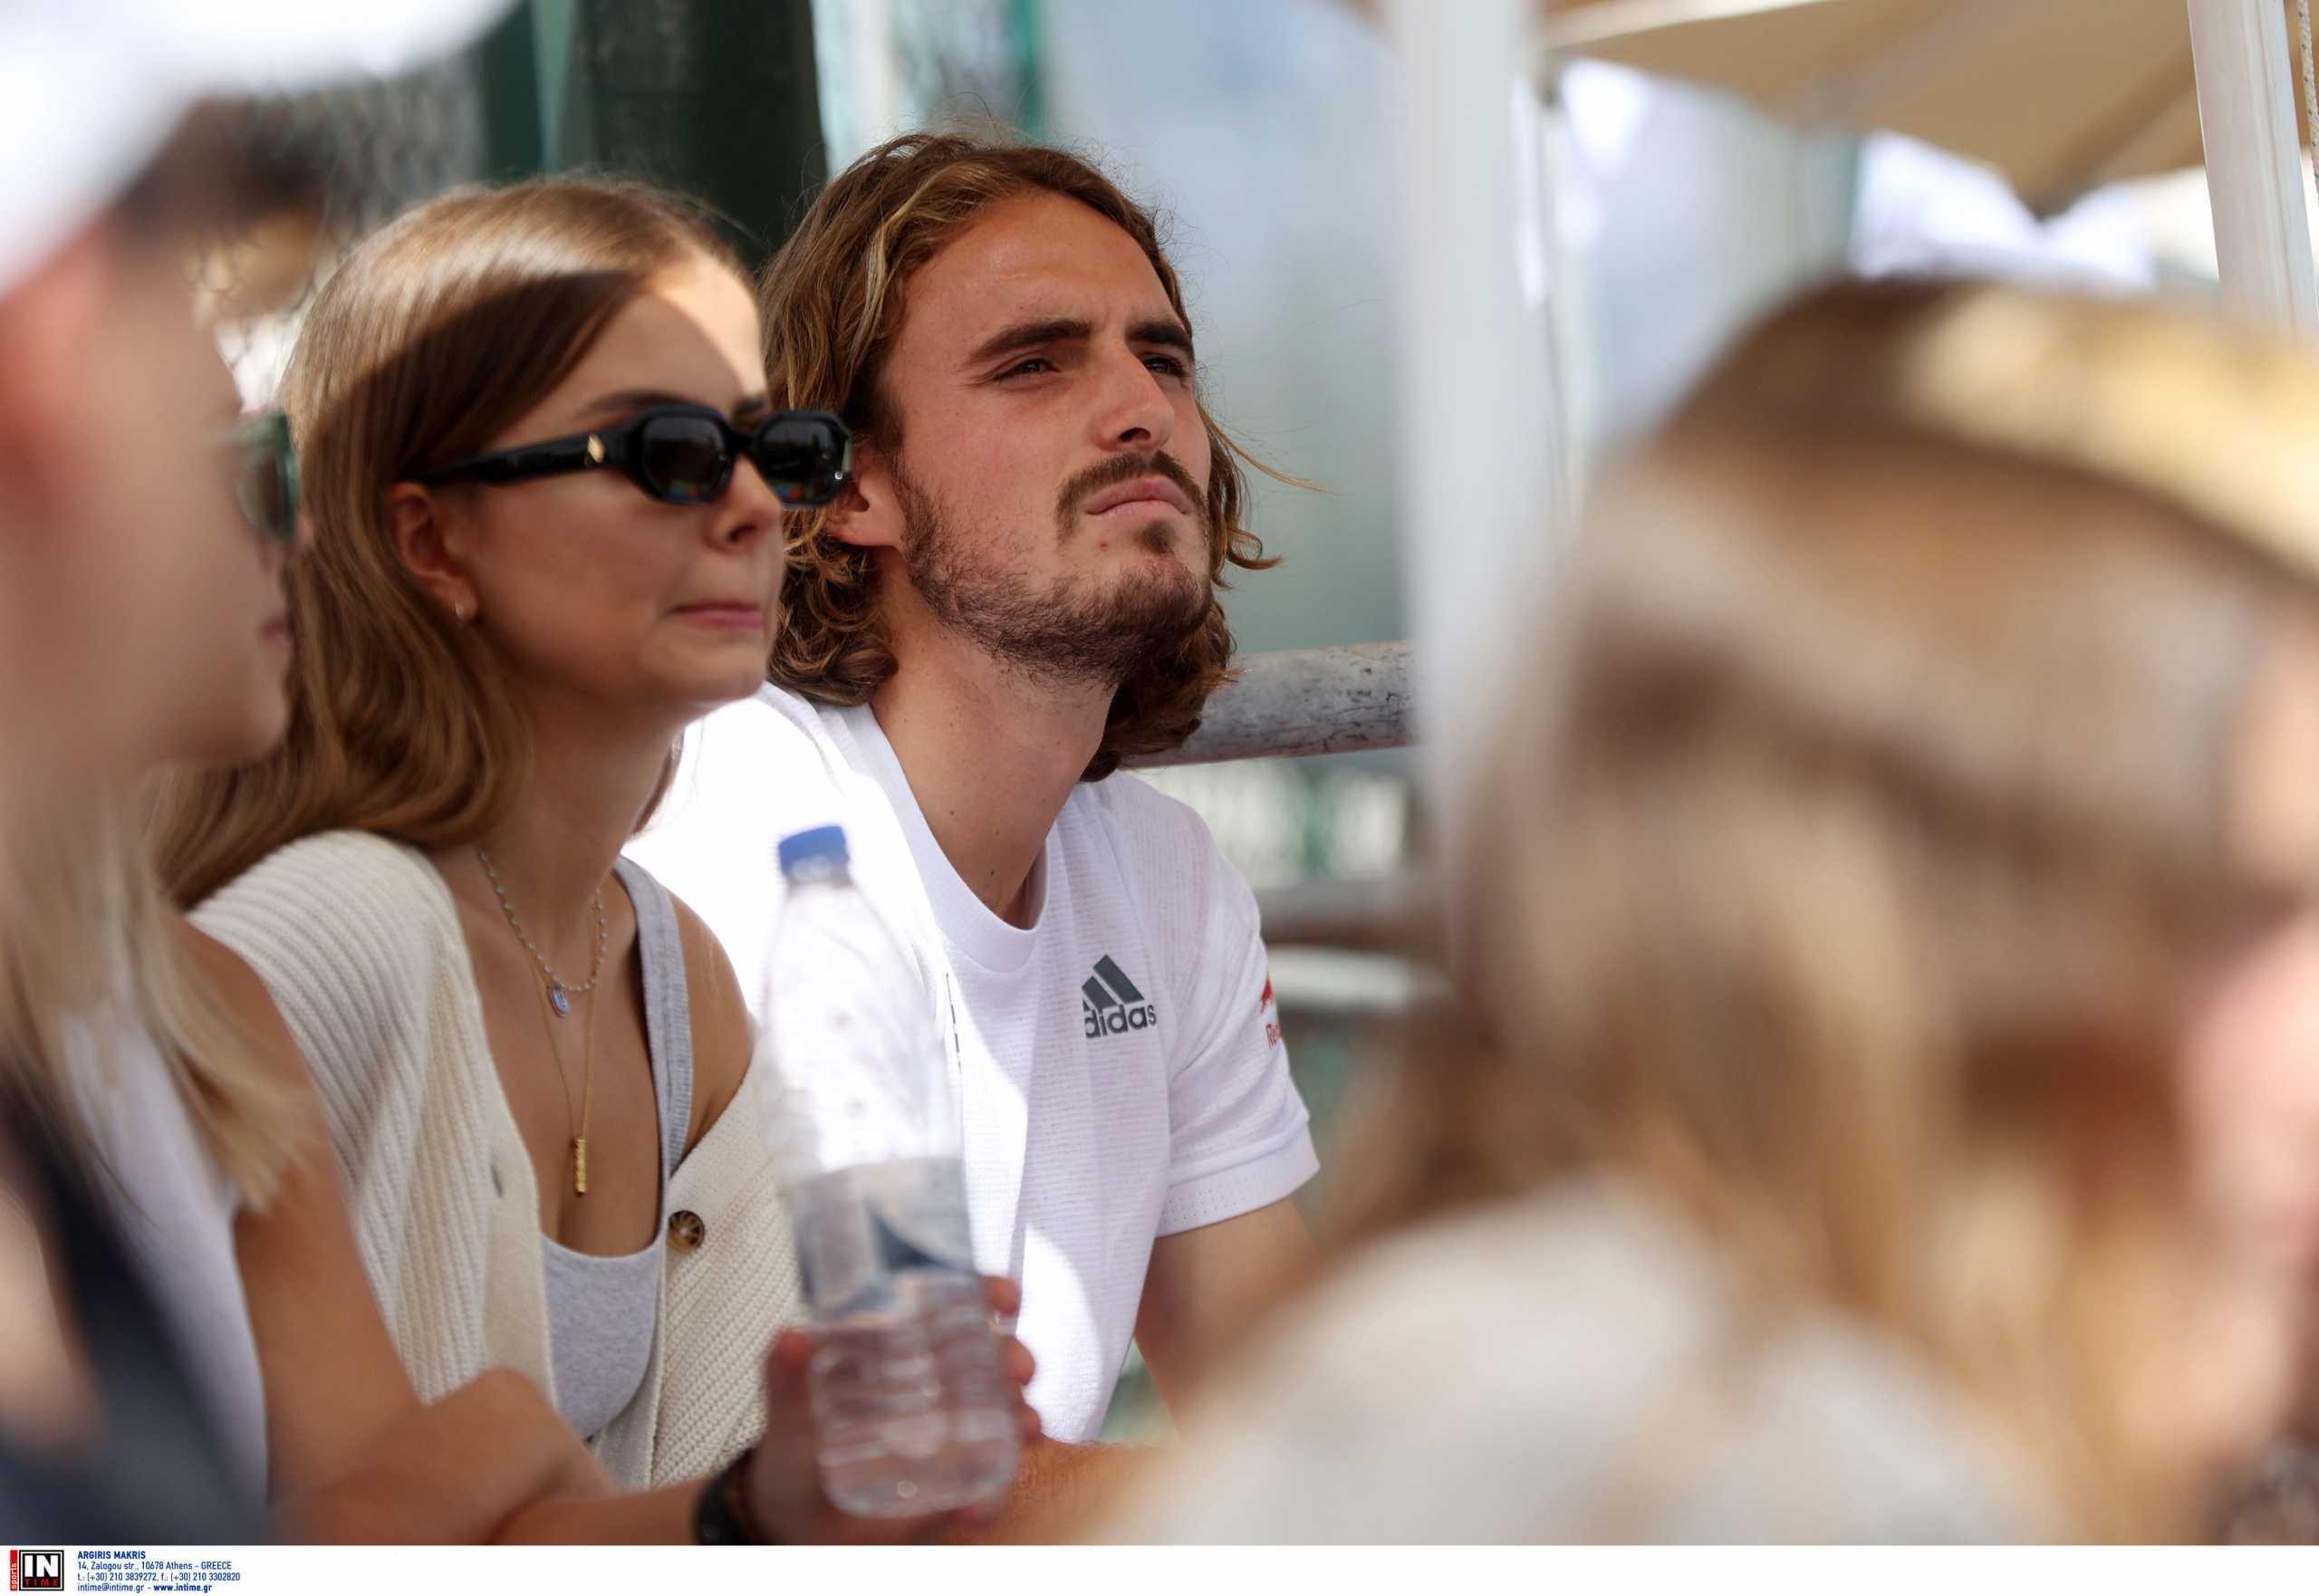 Ο Στέφανος Τσιτσιπάς παρακολουθεί τους αγώνες του Davis Cup μαζί με τη σύντροφό του